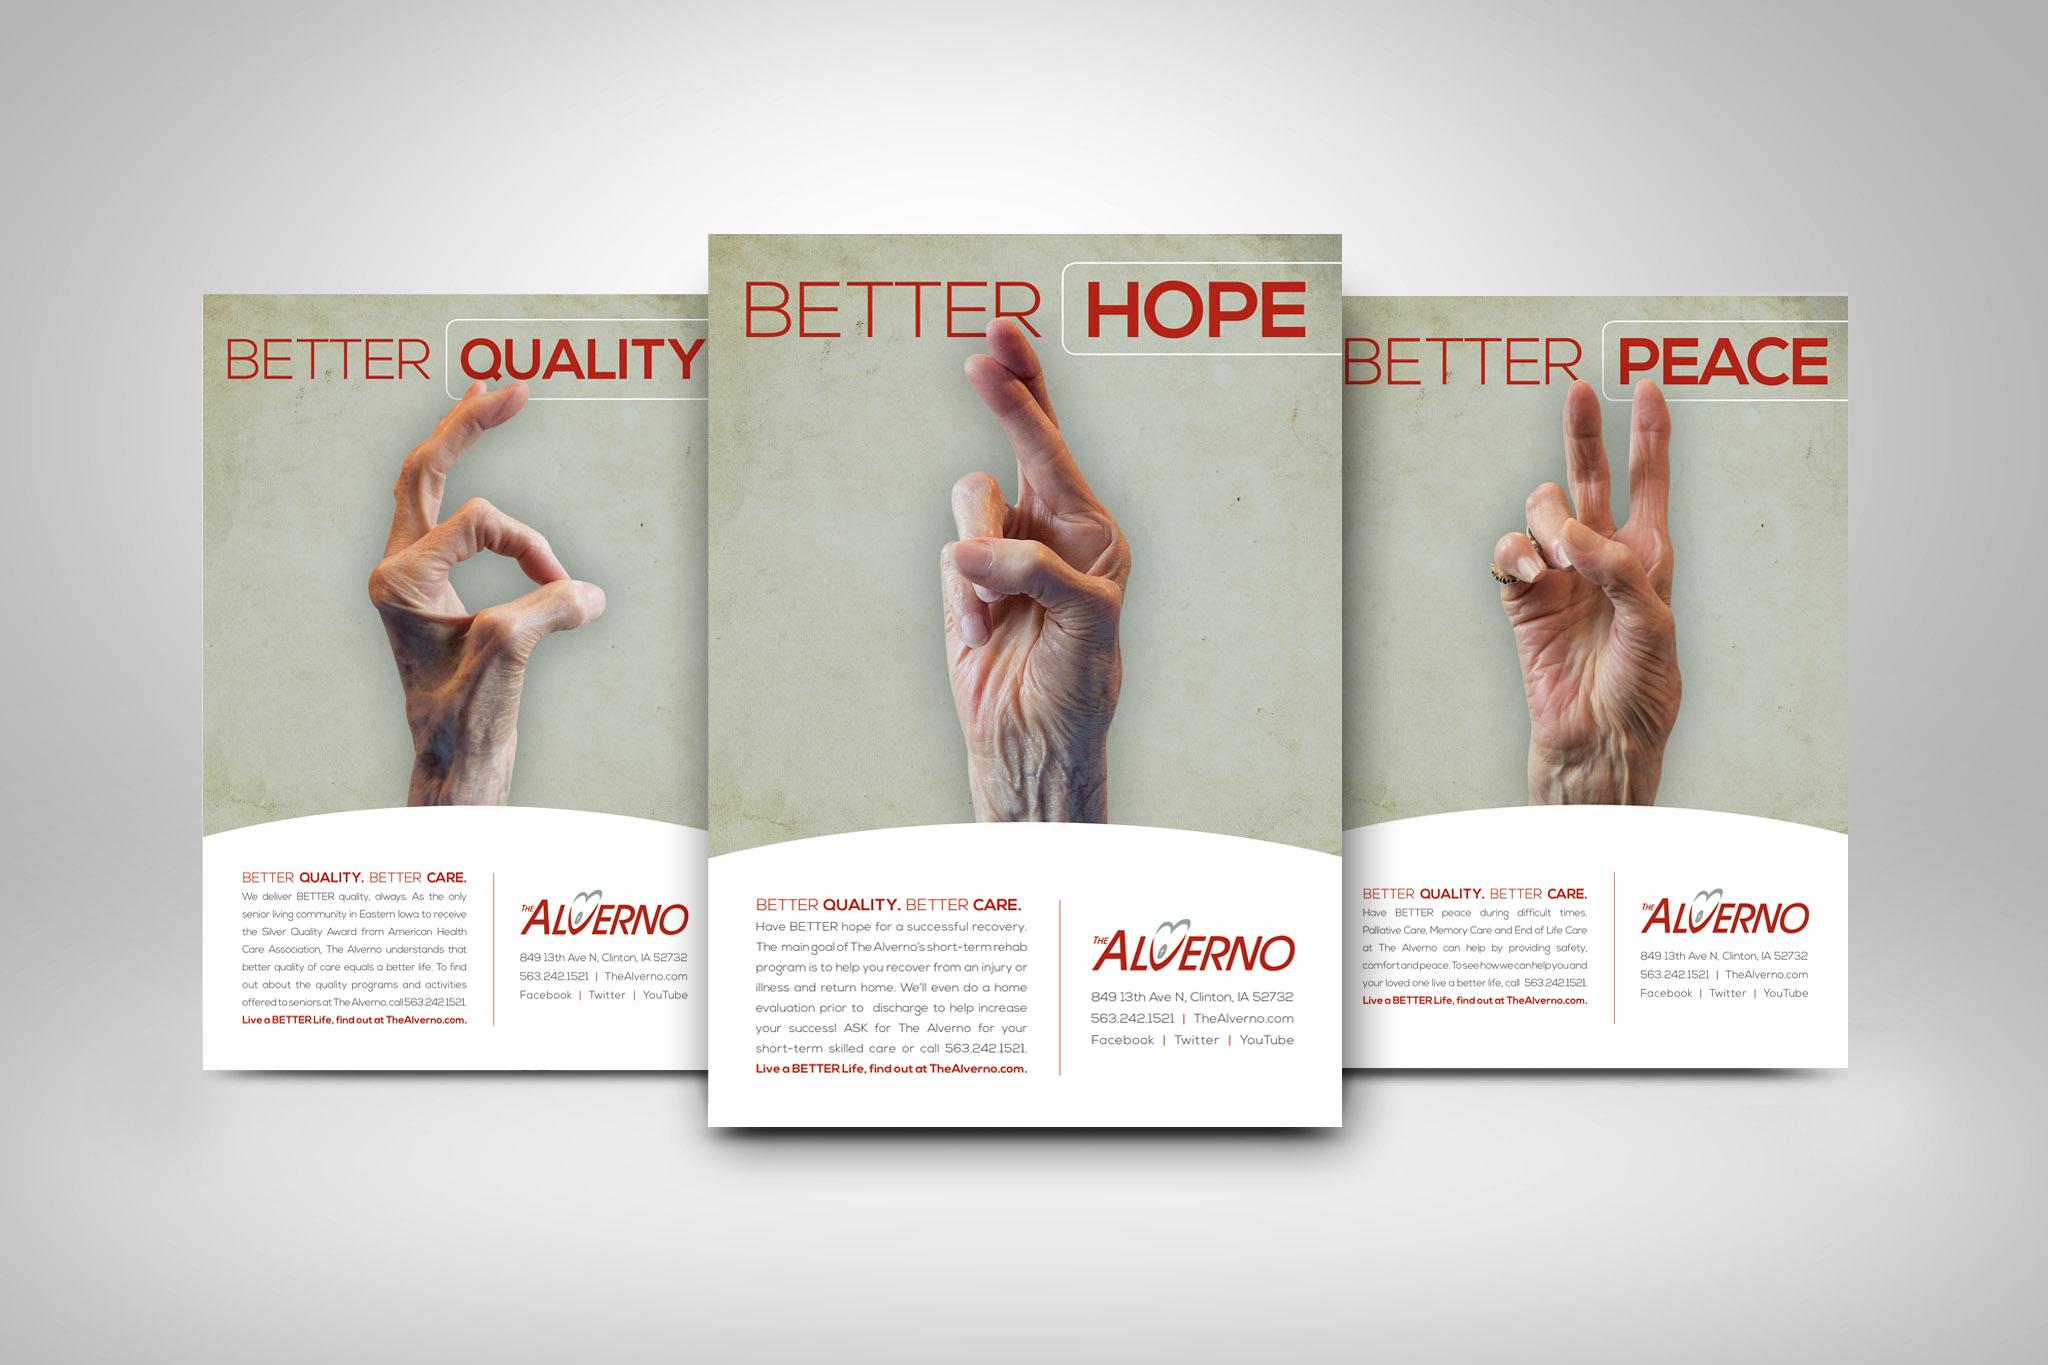 Alverno Better Campaign